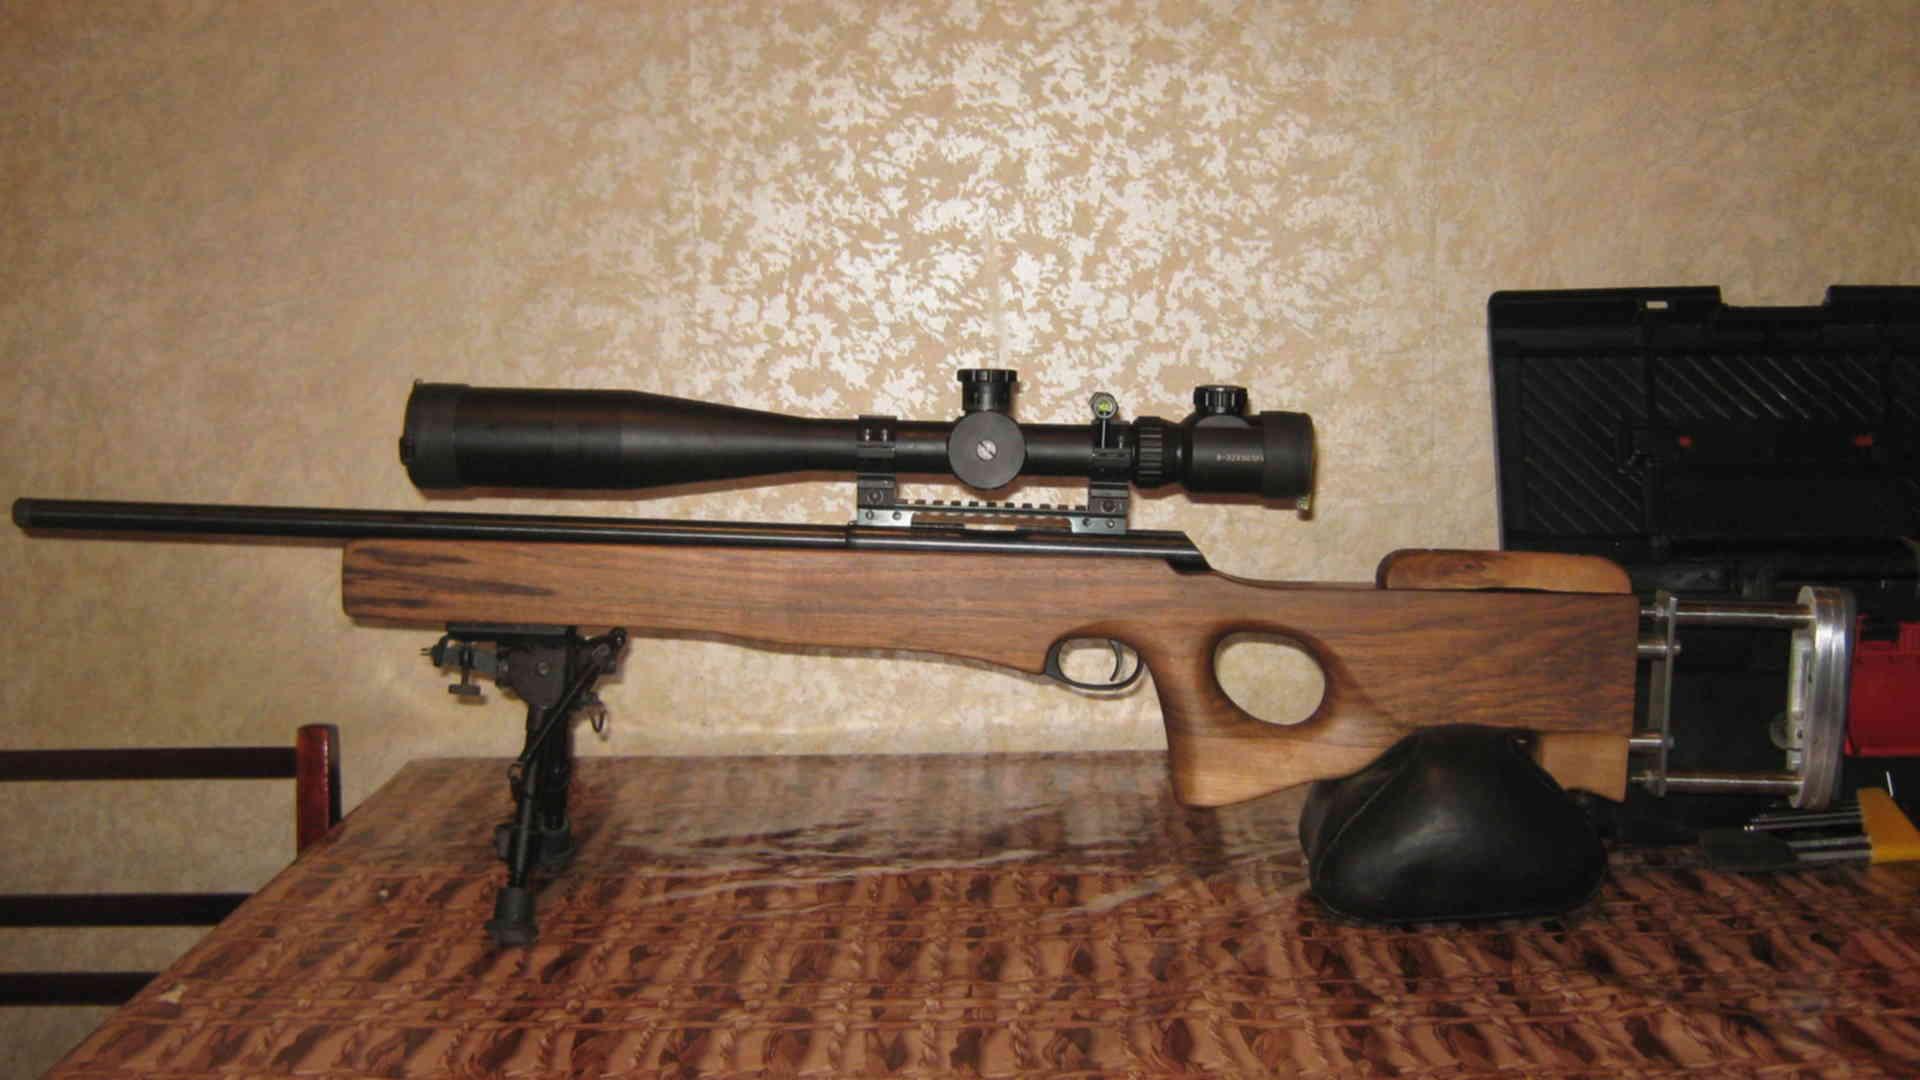 Карабин тоз-78 – мелкокалиберное ружье для профессиональной охоты